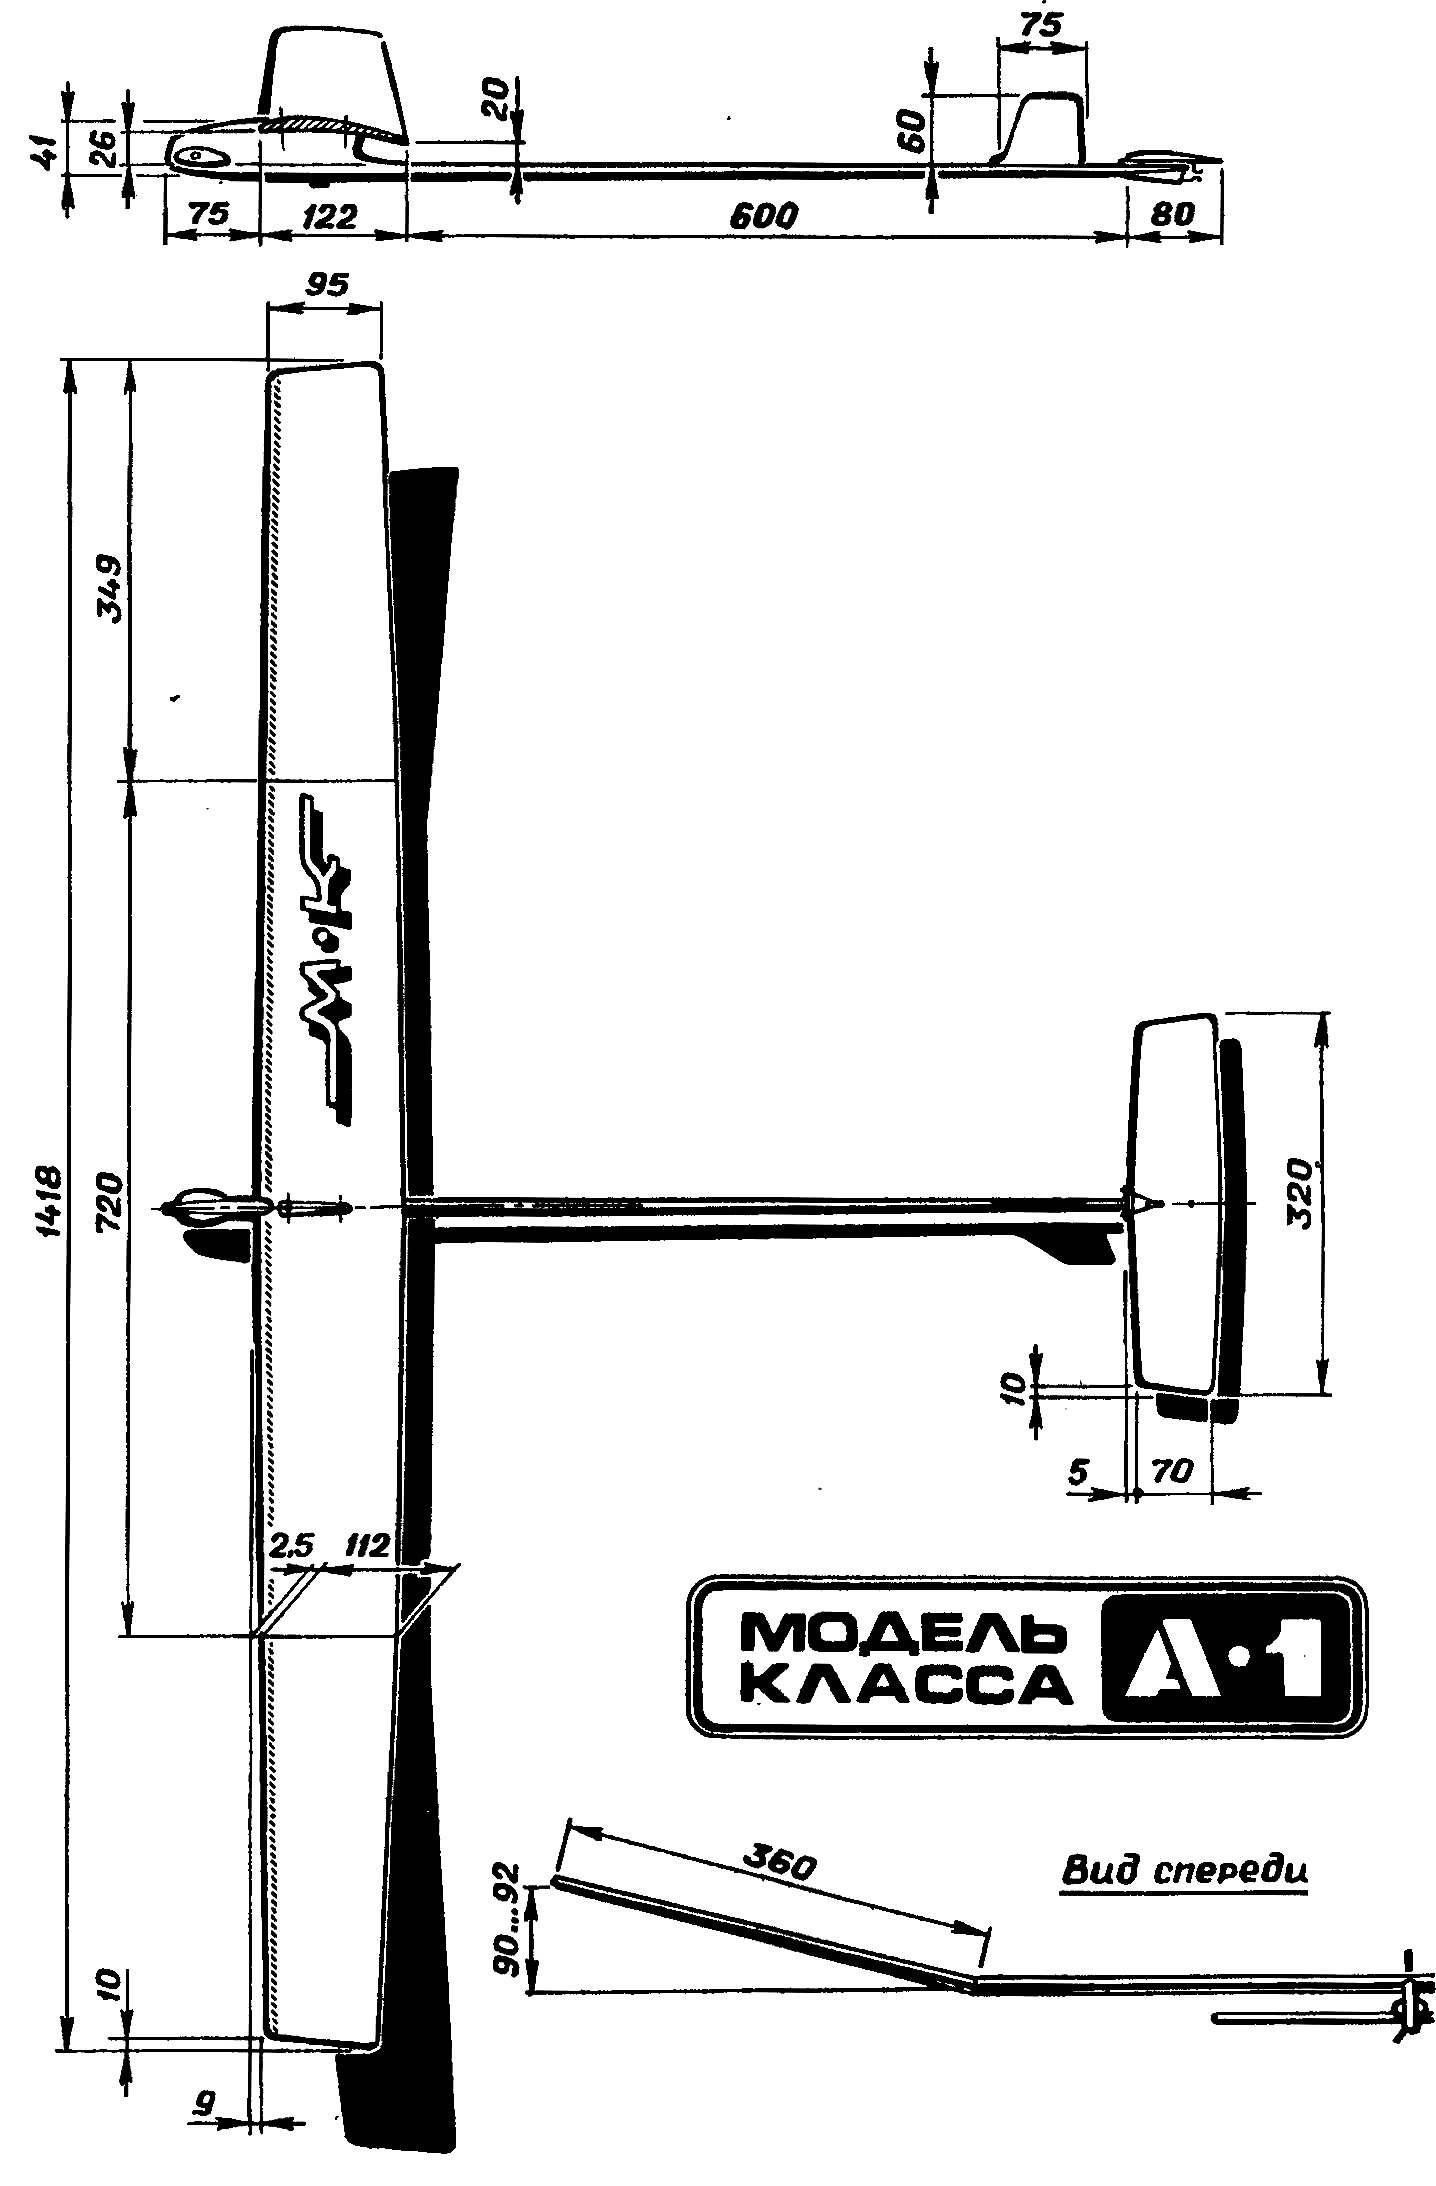 Основные размеры модели планера.